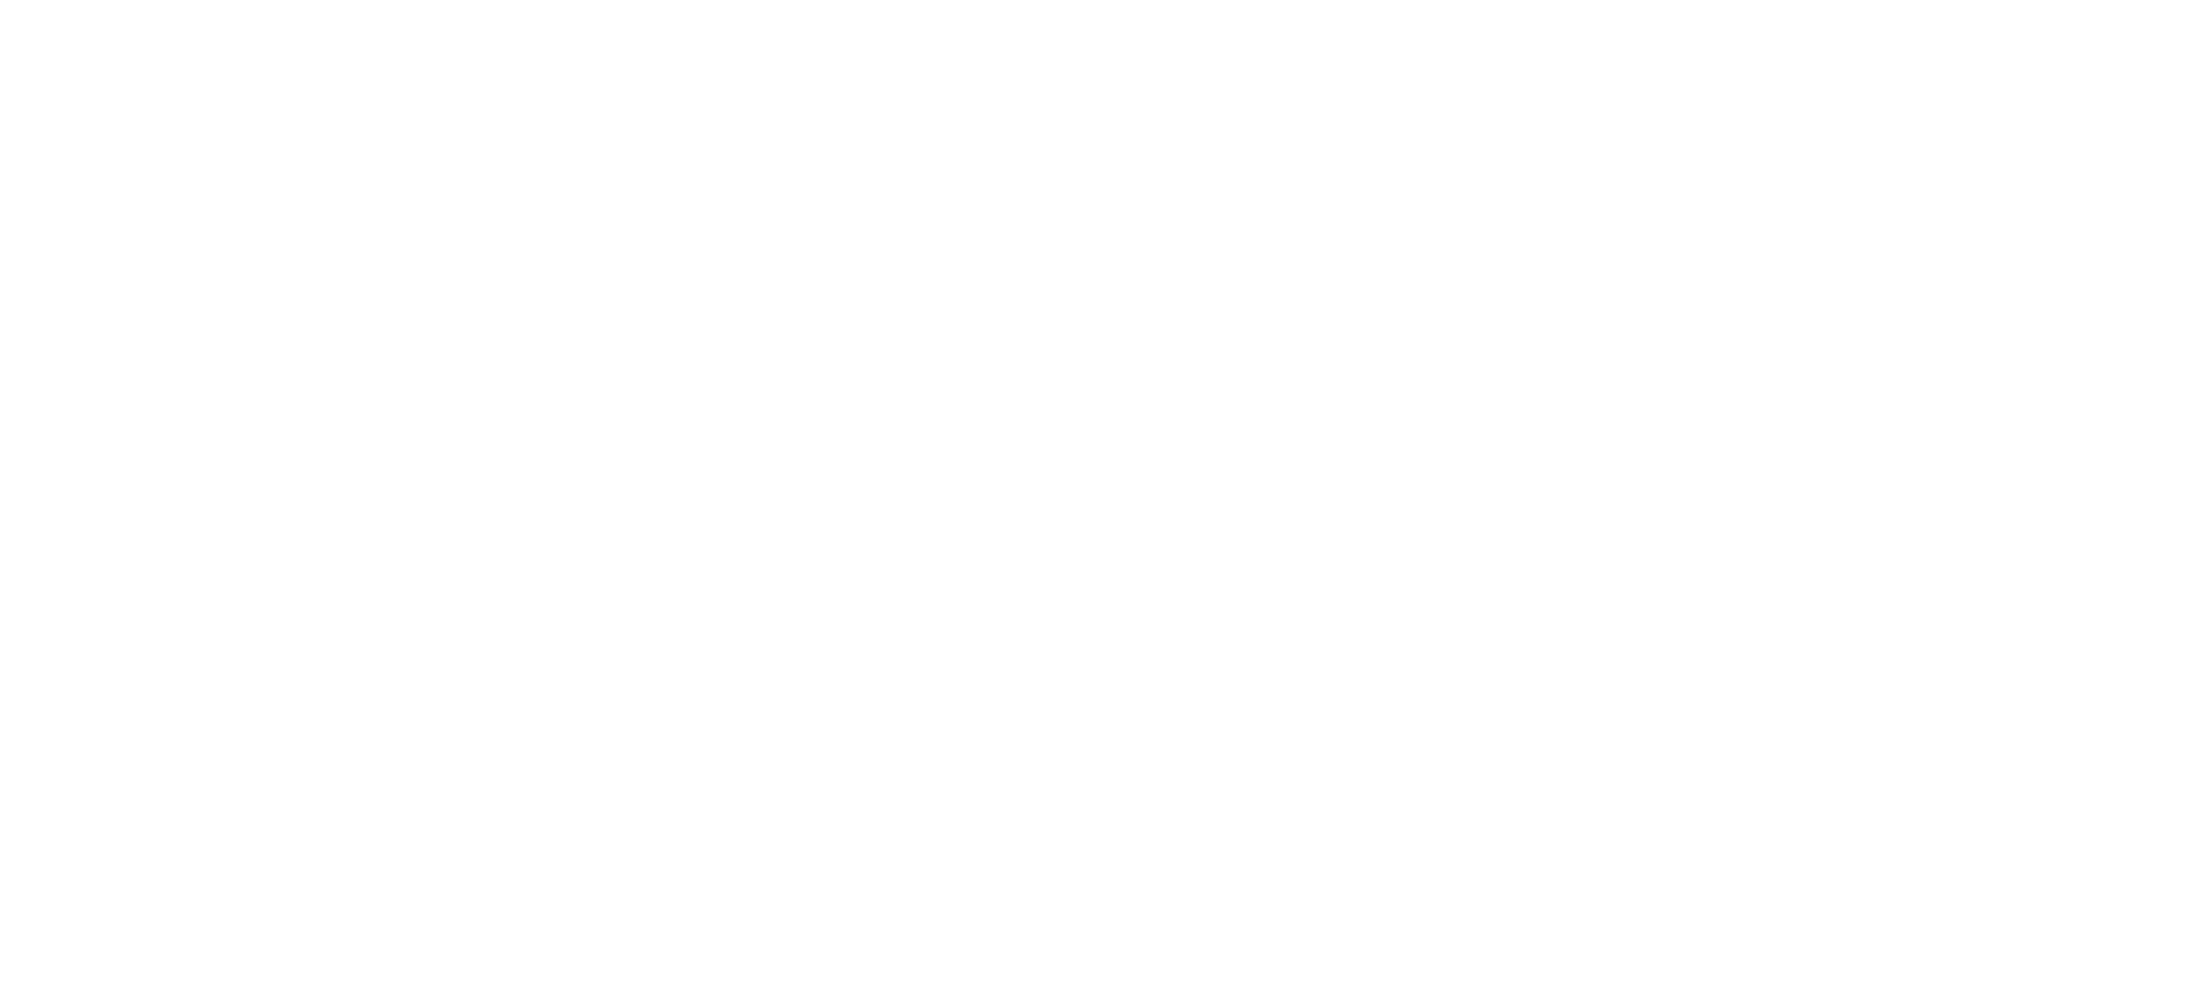 partners-roche-janssen-takeda-edit-2